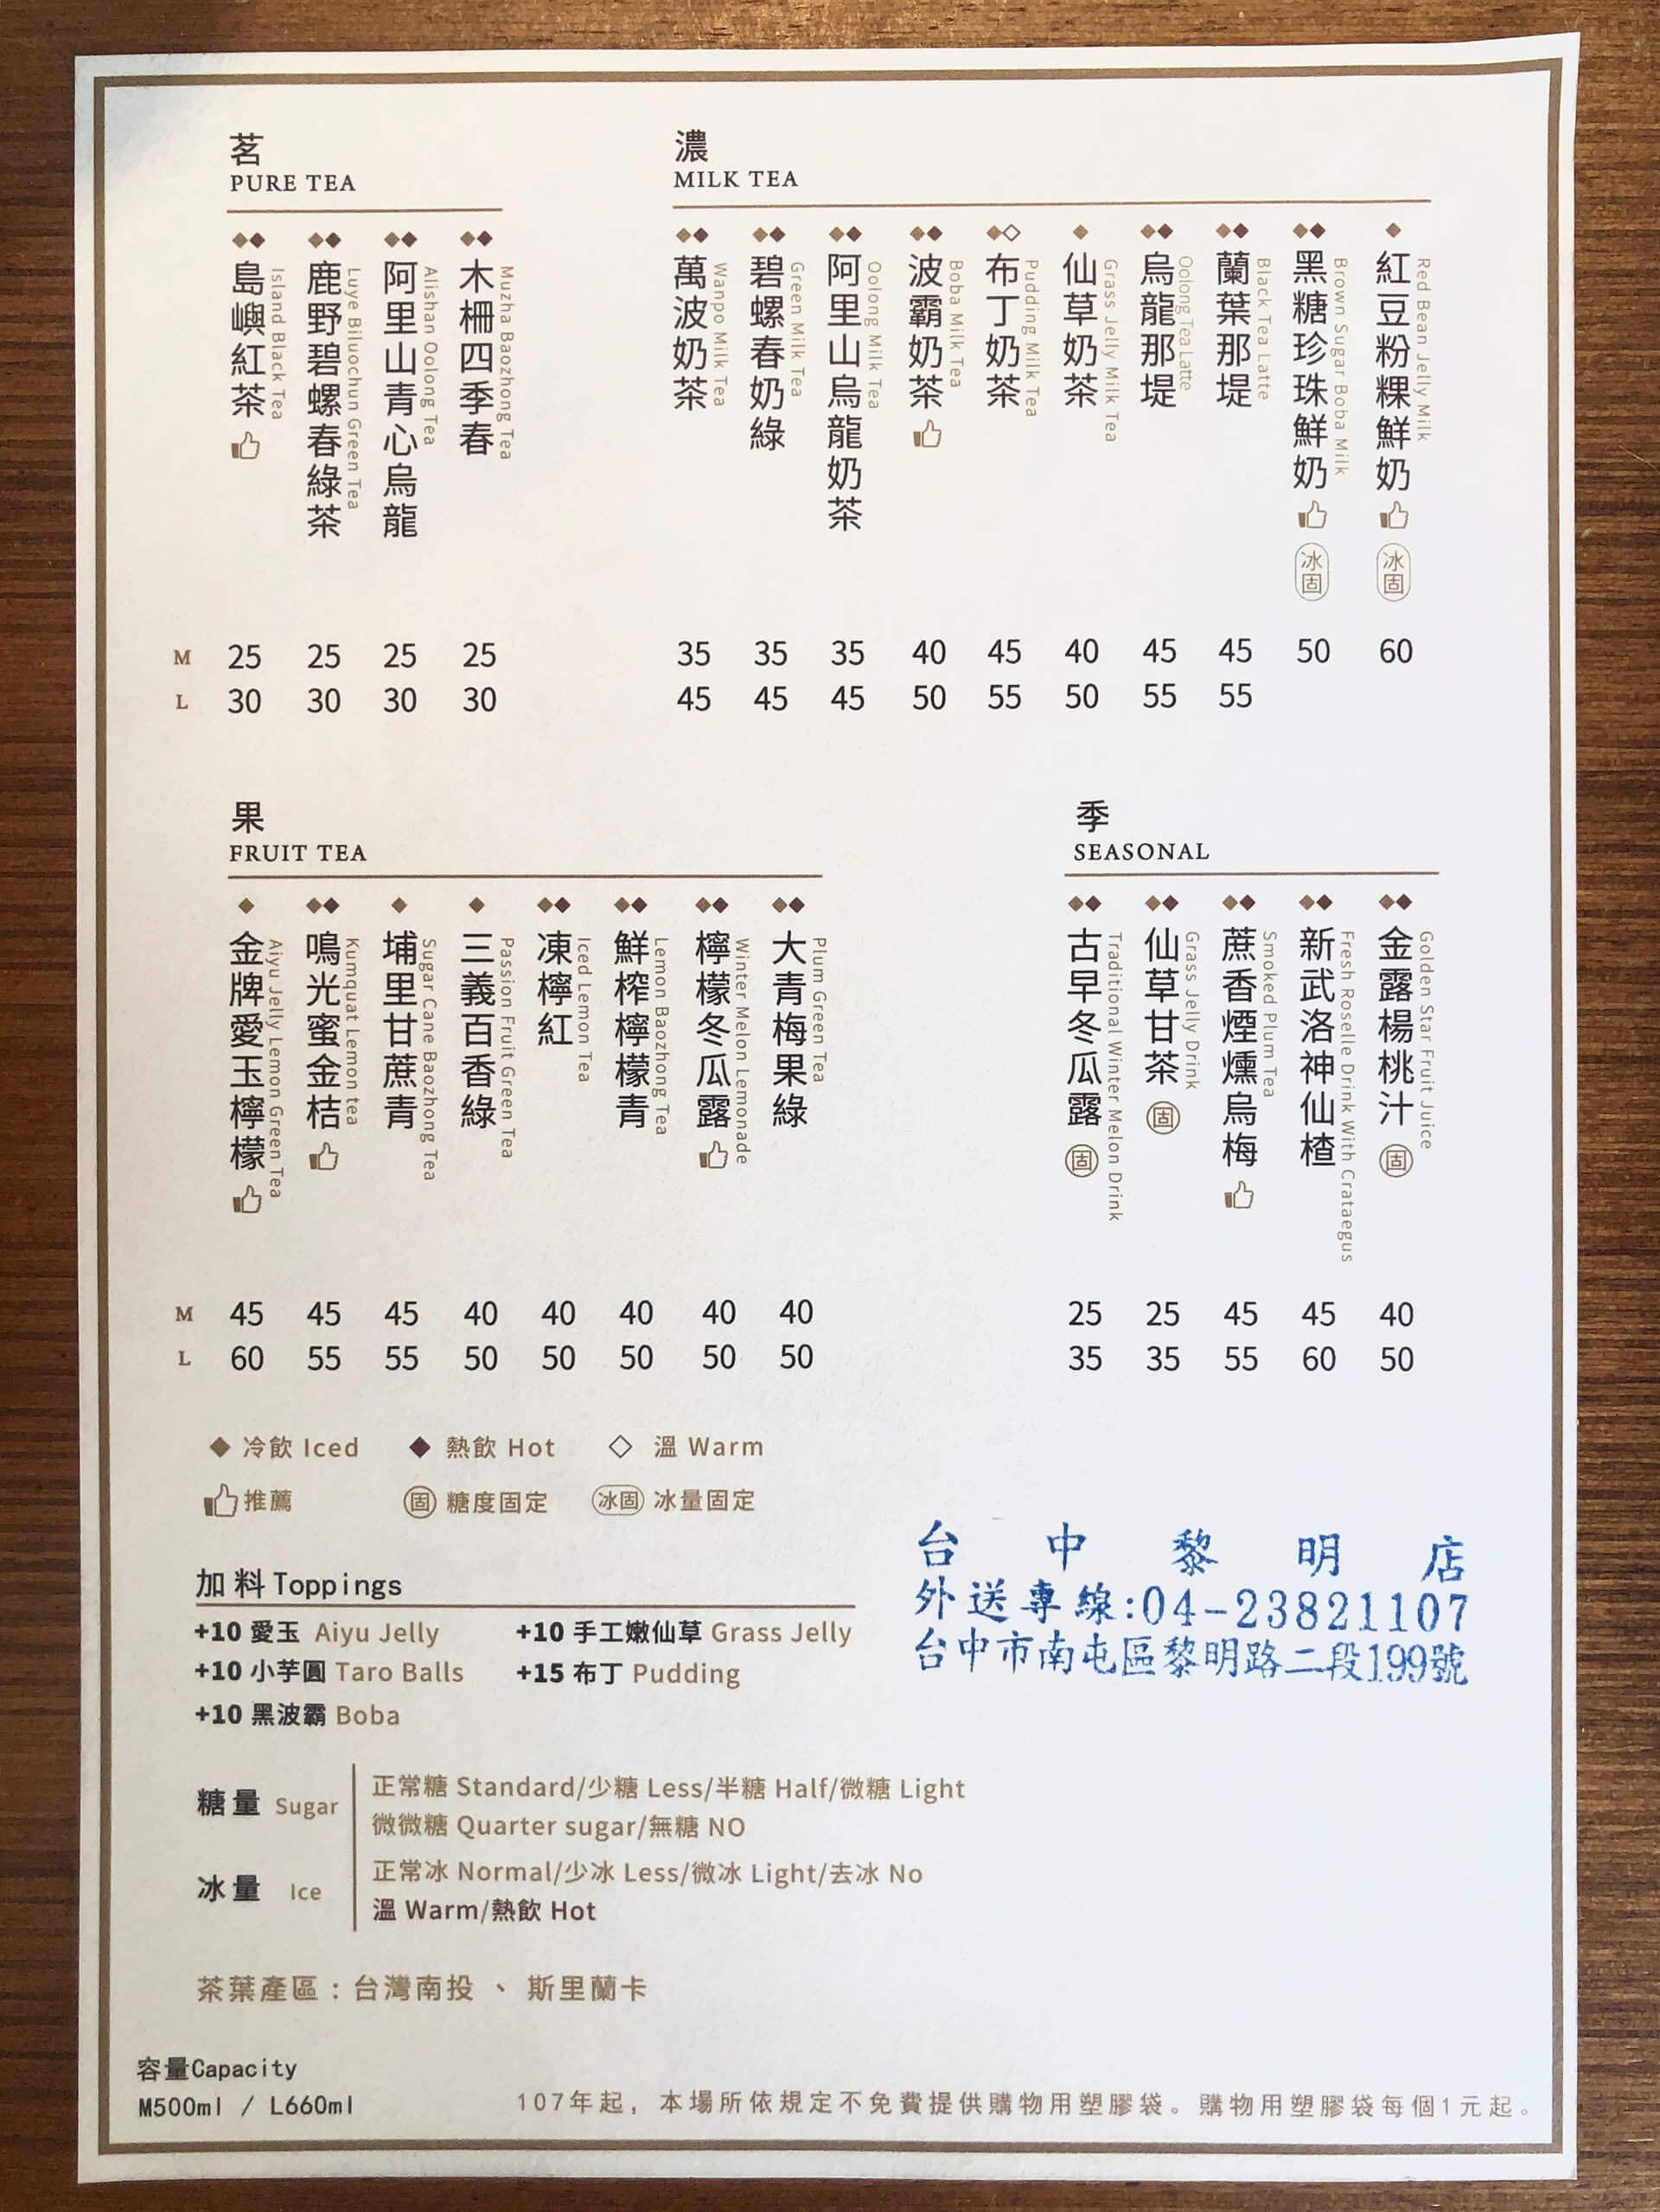 萬波島嶼紅茶菜單